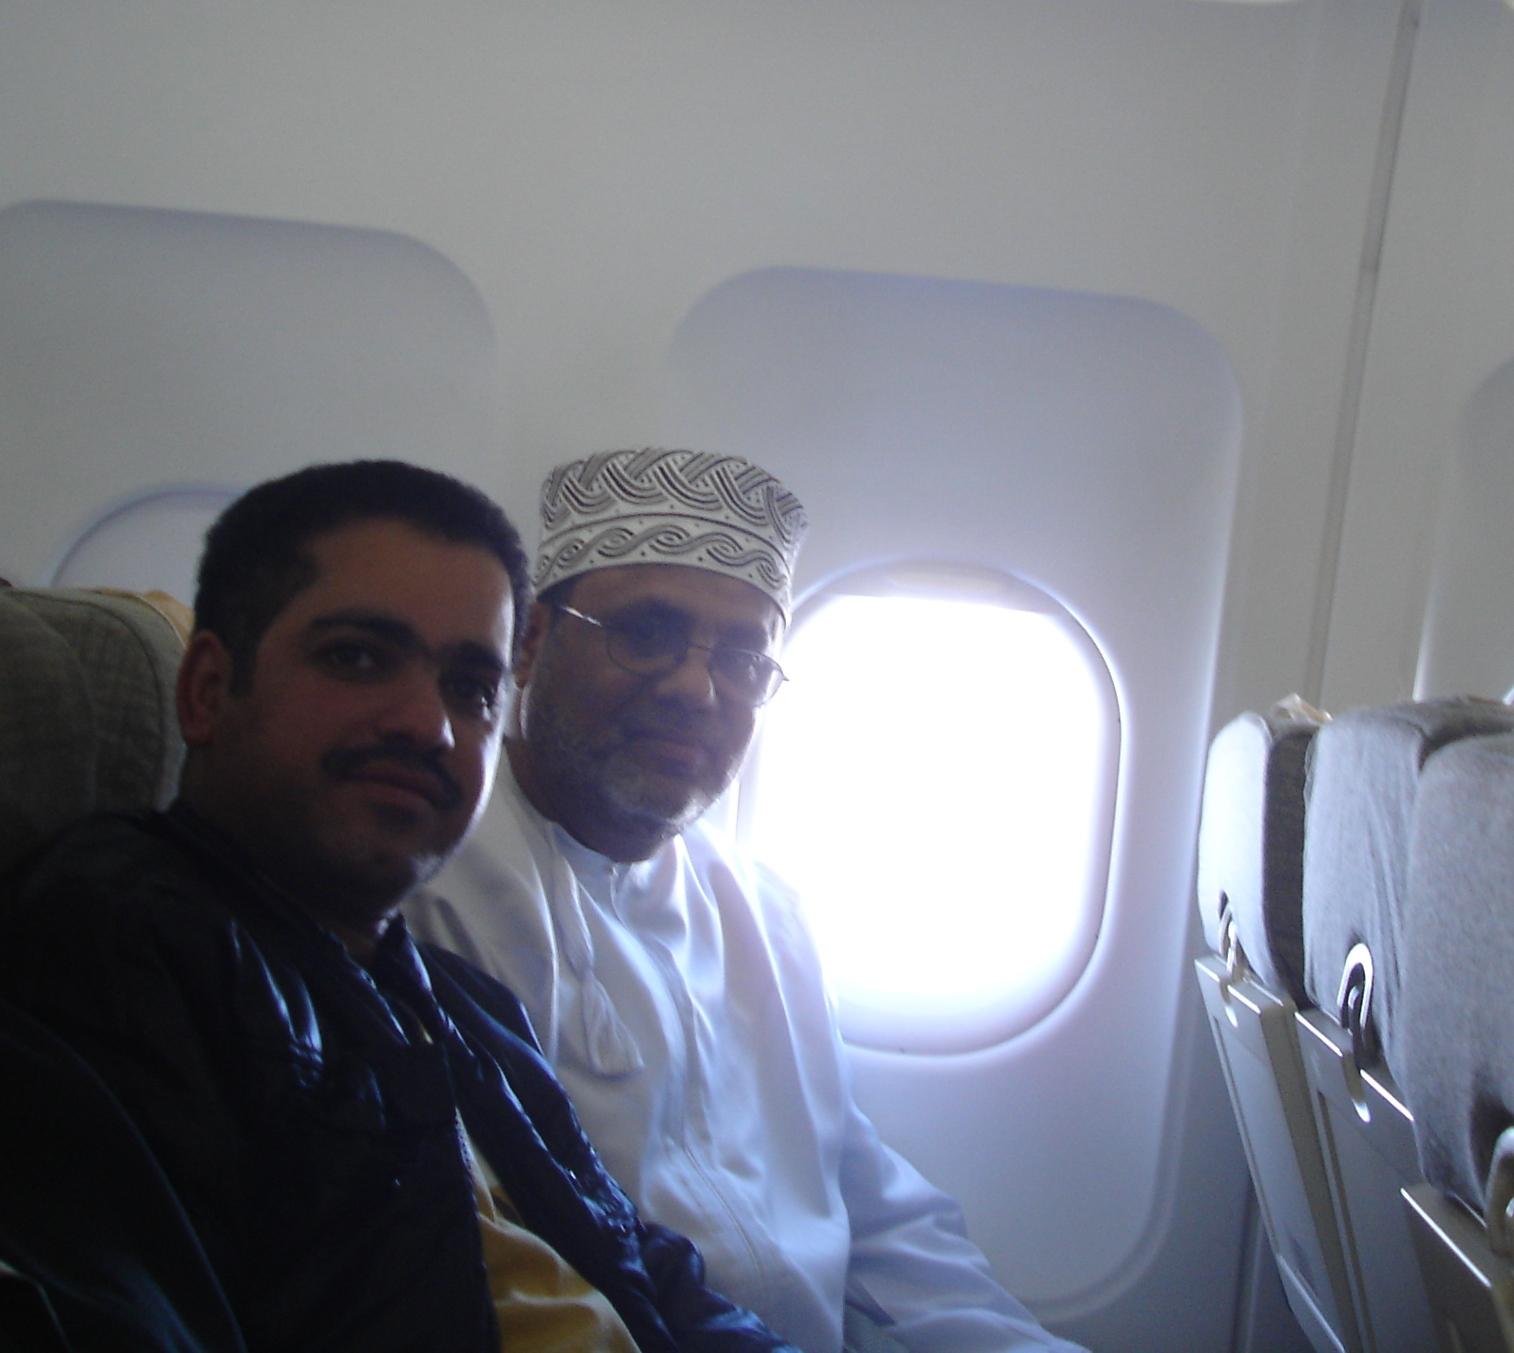 مع الأستاذ مسلم الكثيري ممثل سلطنة عمان في المجمع العربي للموسيقى في الرحلة إلى مؤتمر العشرون للمجمع